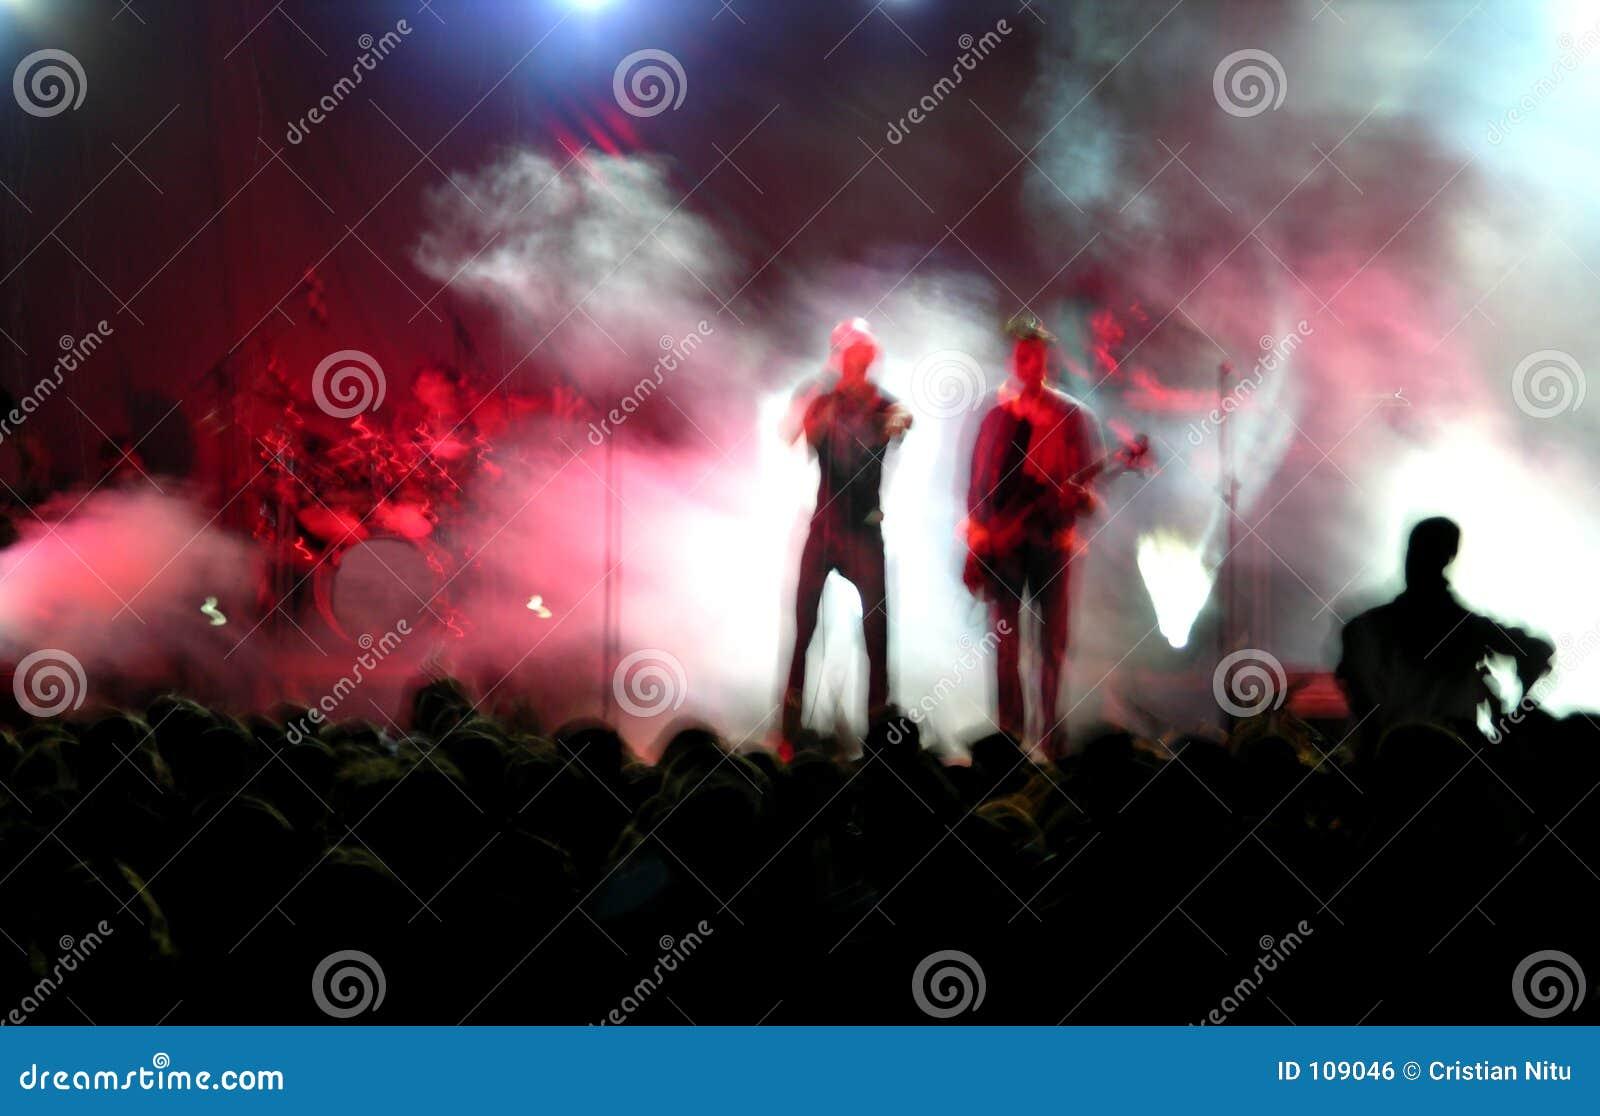 Plama koncert rock